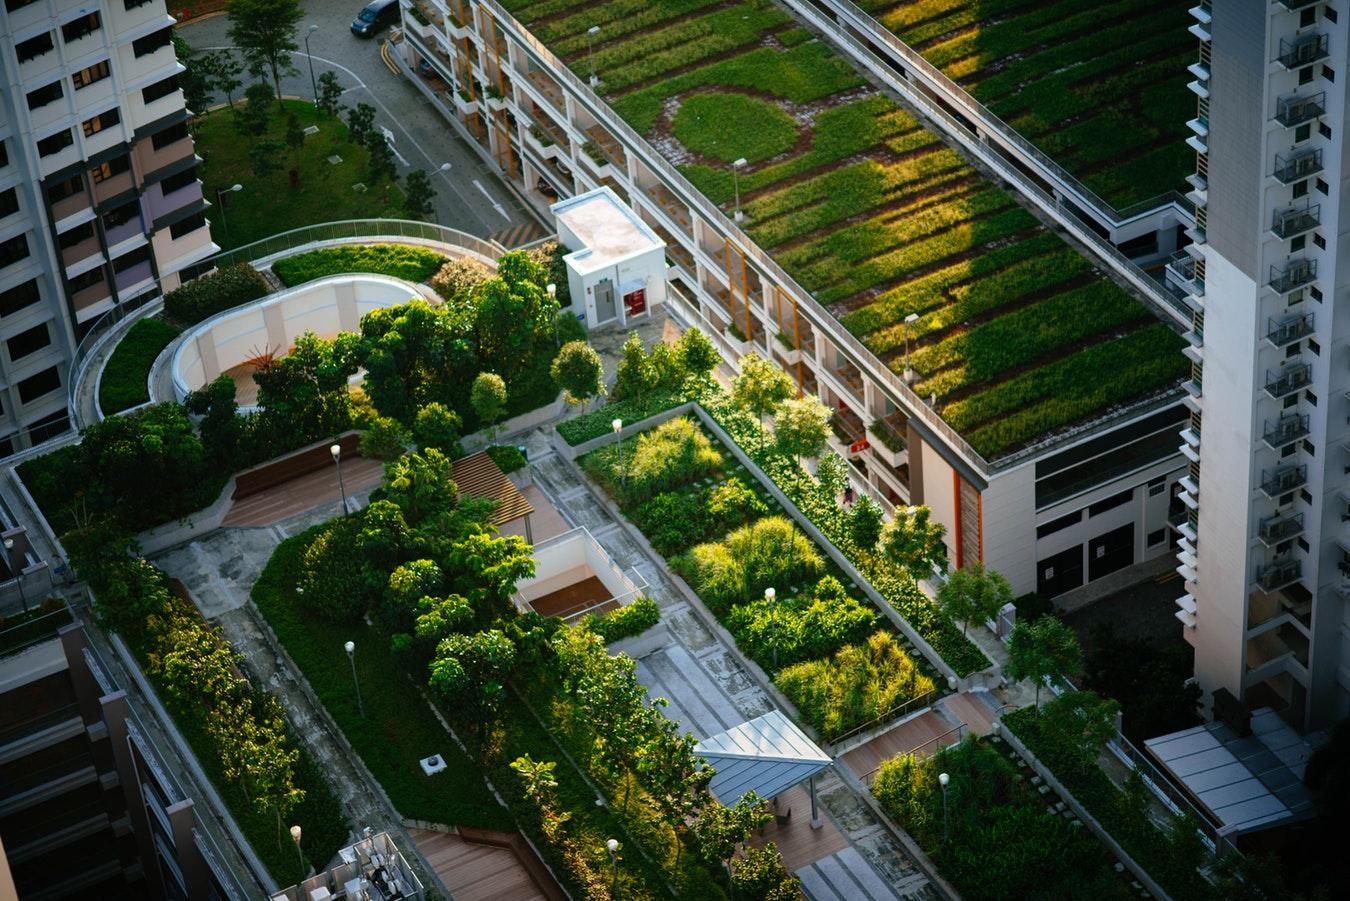 Le futur de l'Afrique et de la France se trouve dans les villes durables (diplomate)